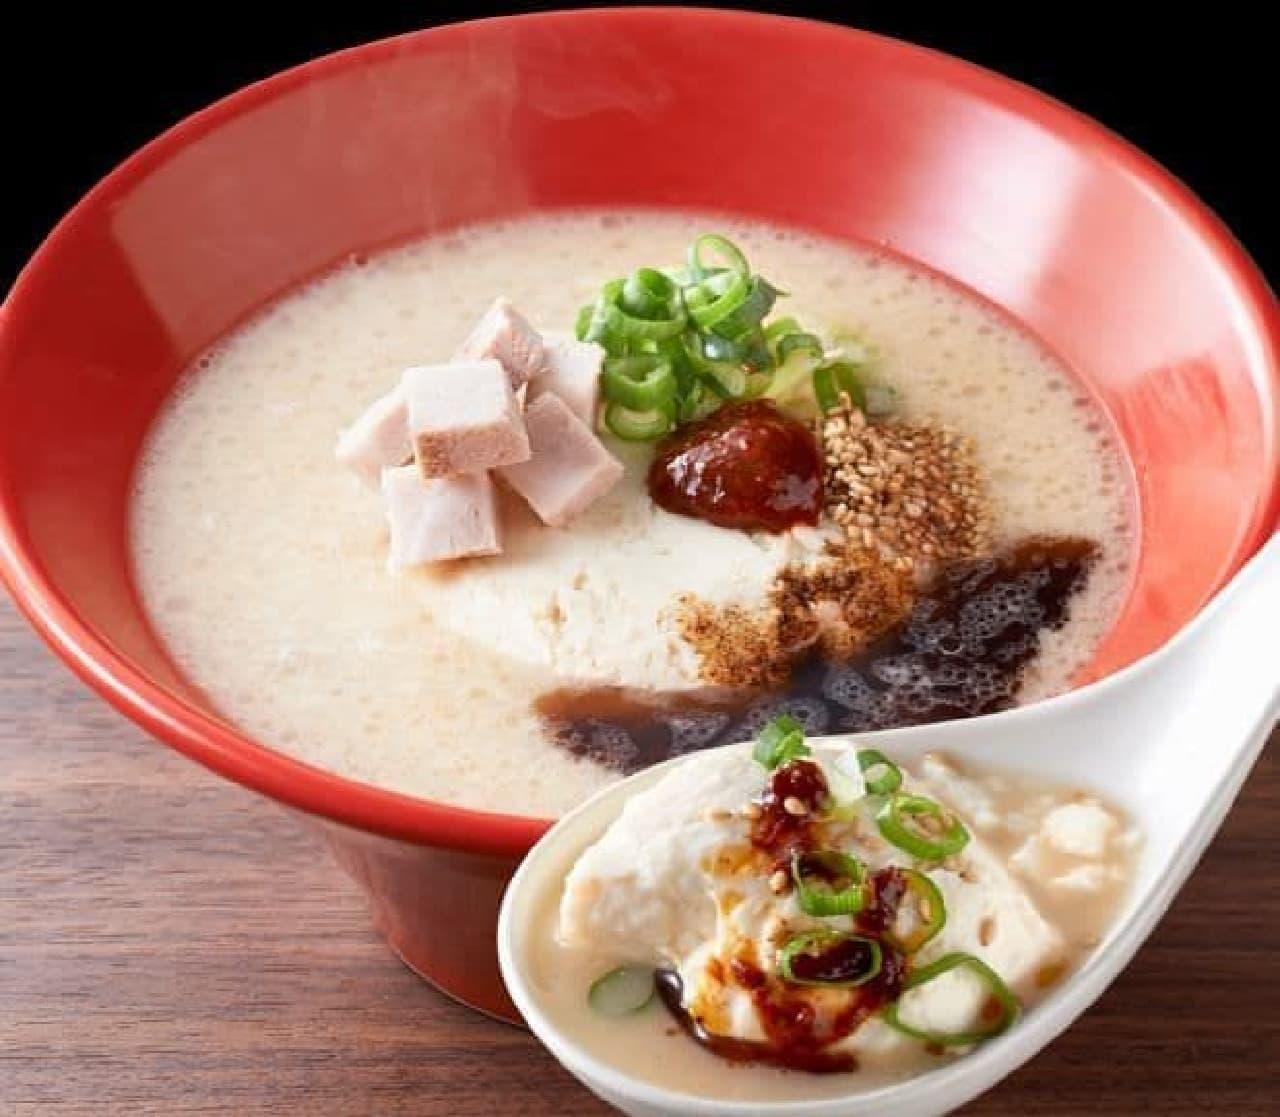 赤丸とんこつ豆腐は一丁250gの極上豆腐をレンゲですくってプルンと食べる新しいスタイルの麺なしラーメン